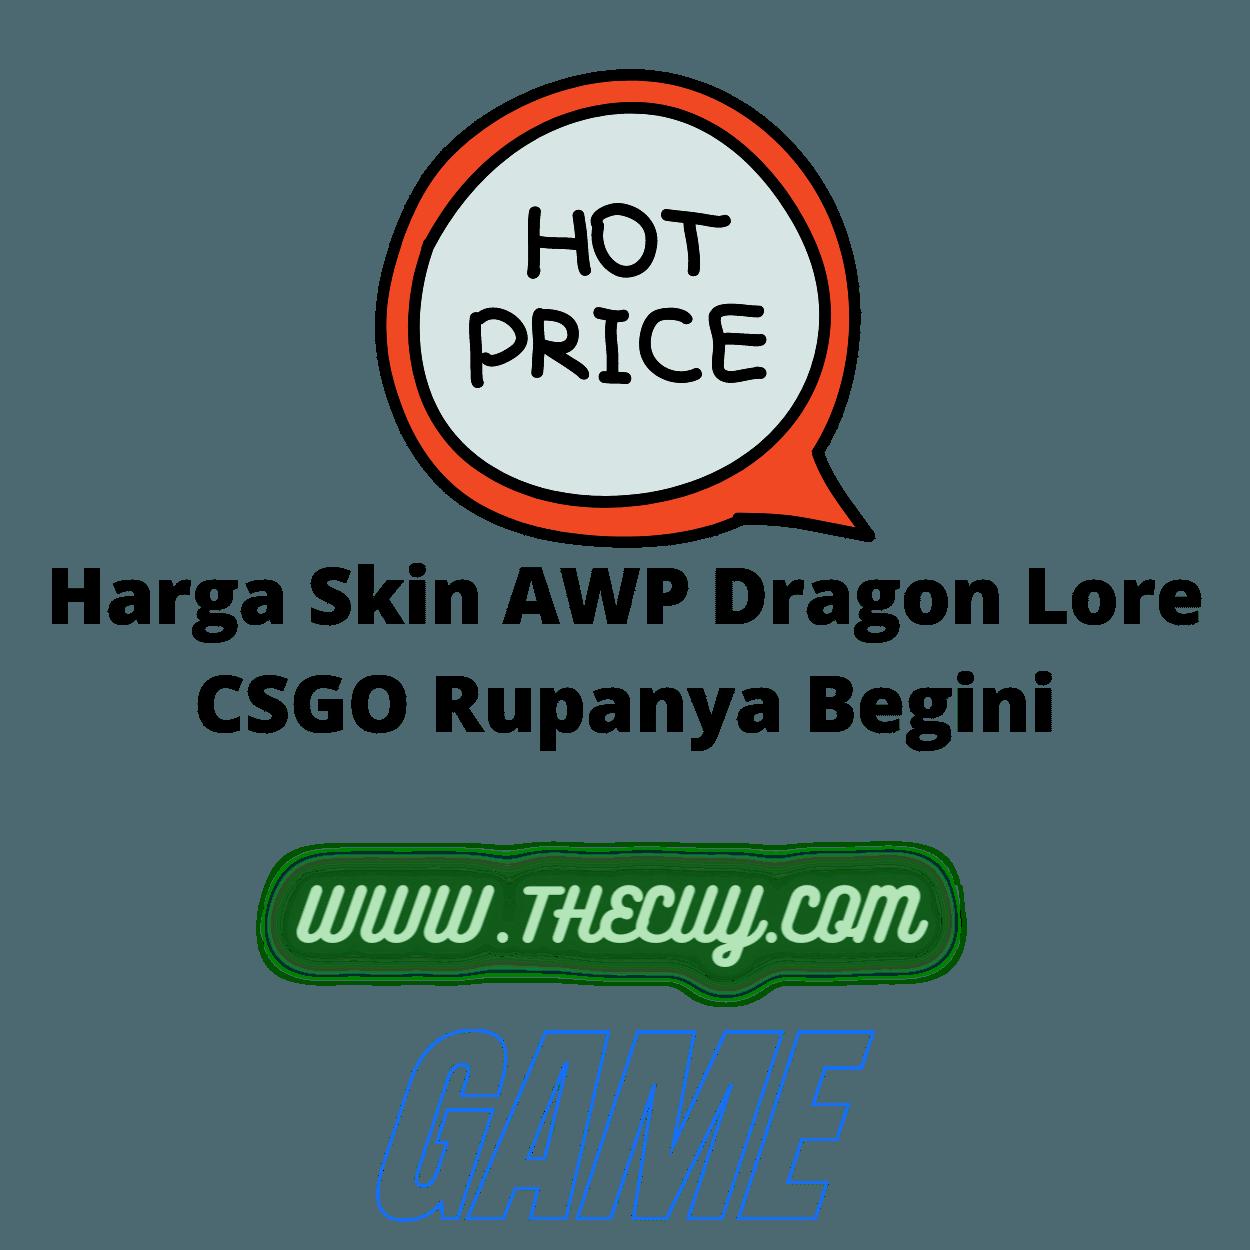 Harga Skin AWP Dragon Lore CSGO Rupanya Begini